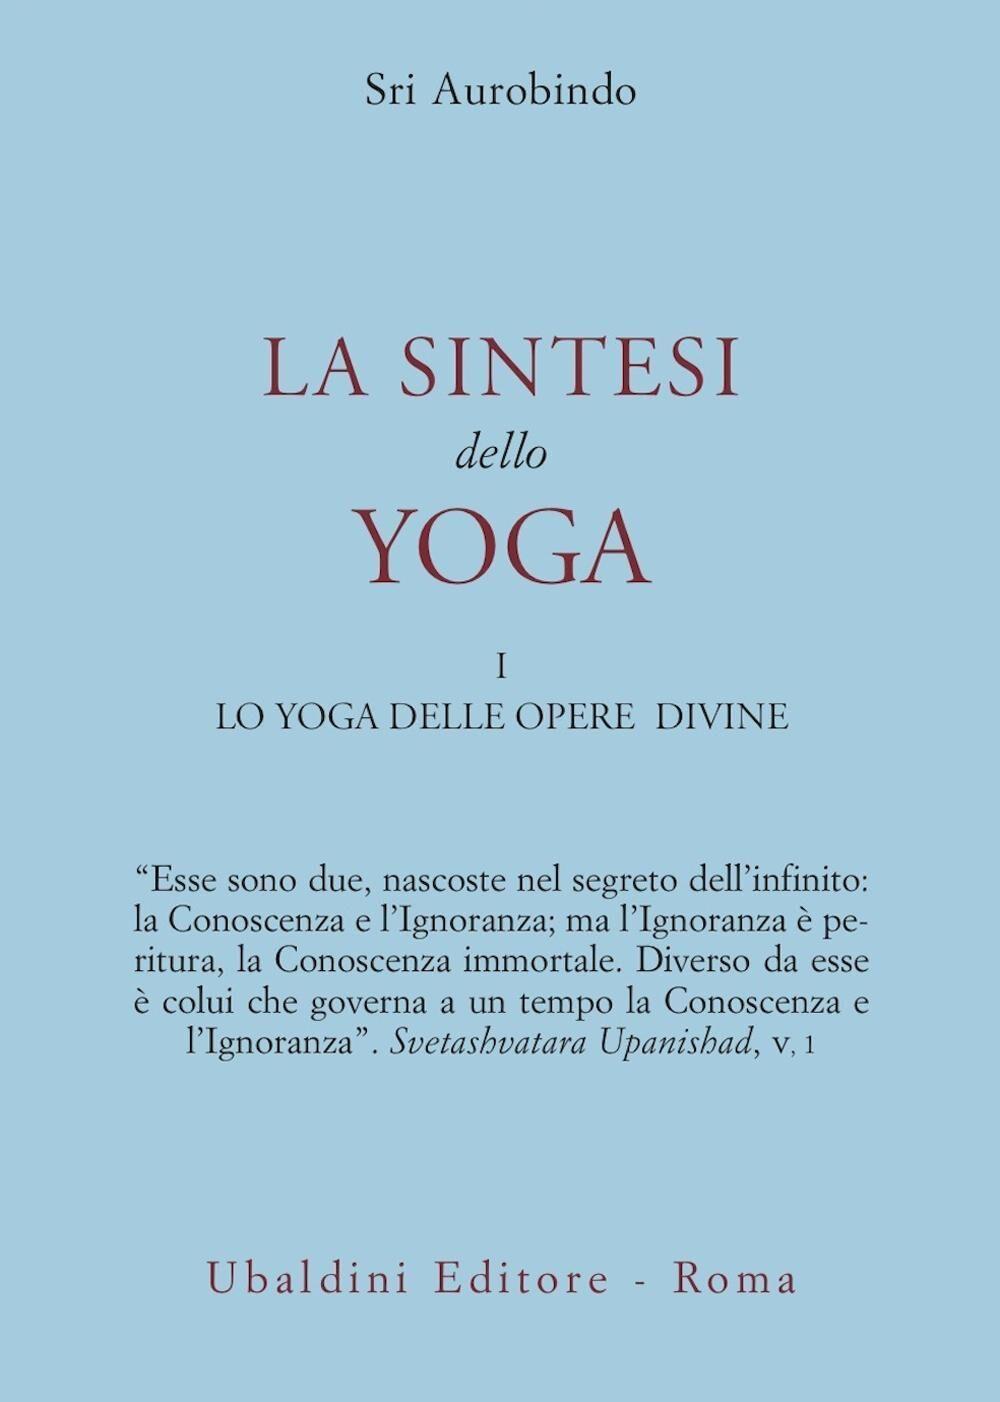 La sintesi dello yoga. Vol. 1